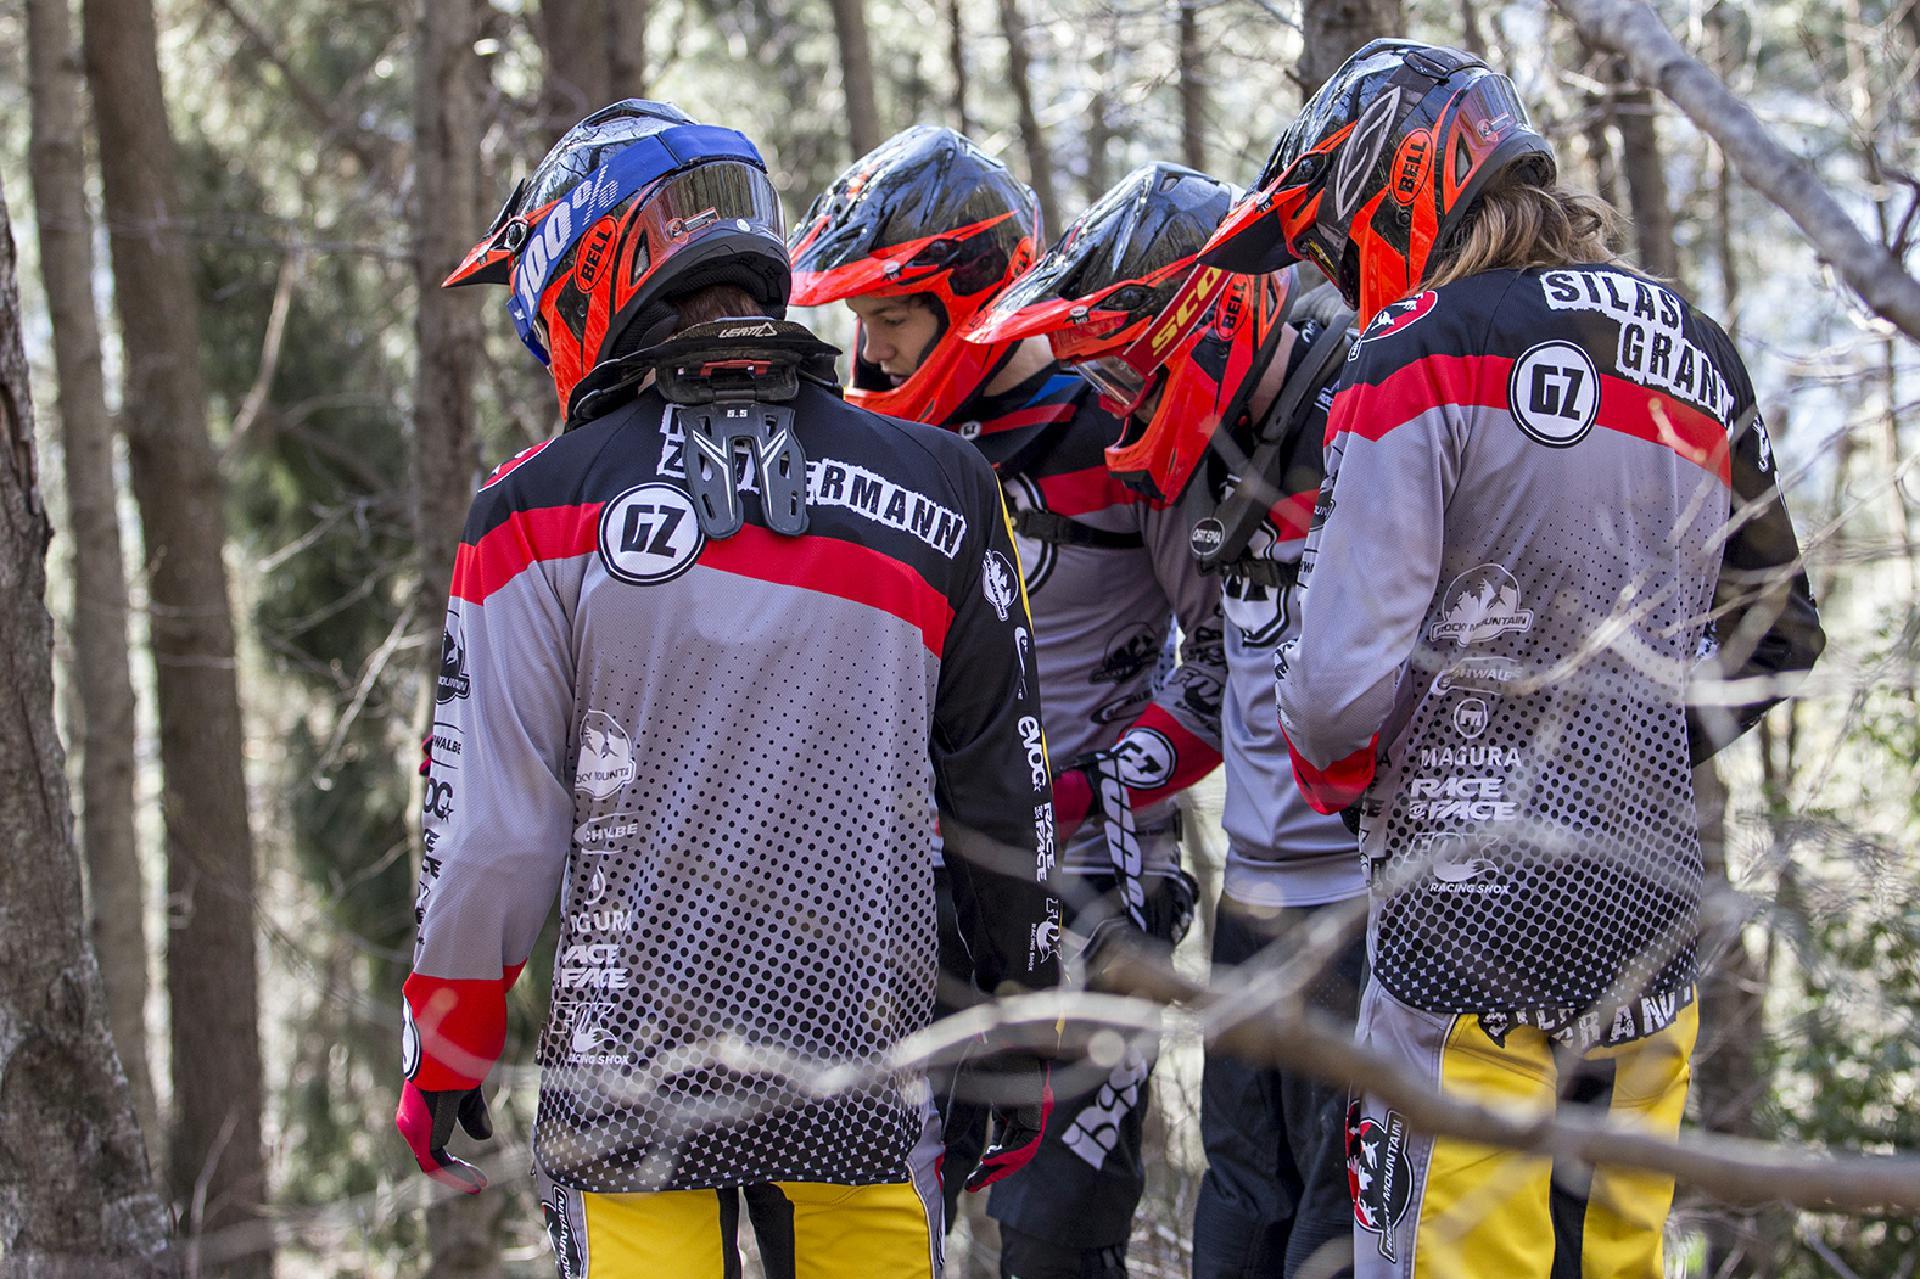 Gegenseitig werden die Jungs vom GZ-Rocky Mountain Team sich zu Höchstleistungen anstacheln, da sind wir uns sicher!